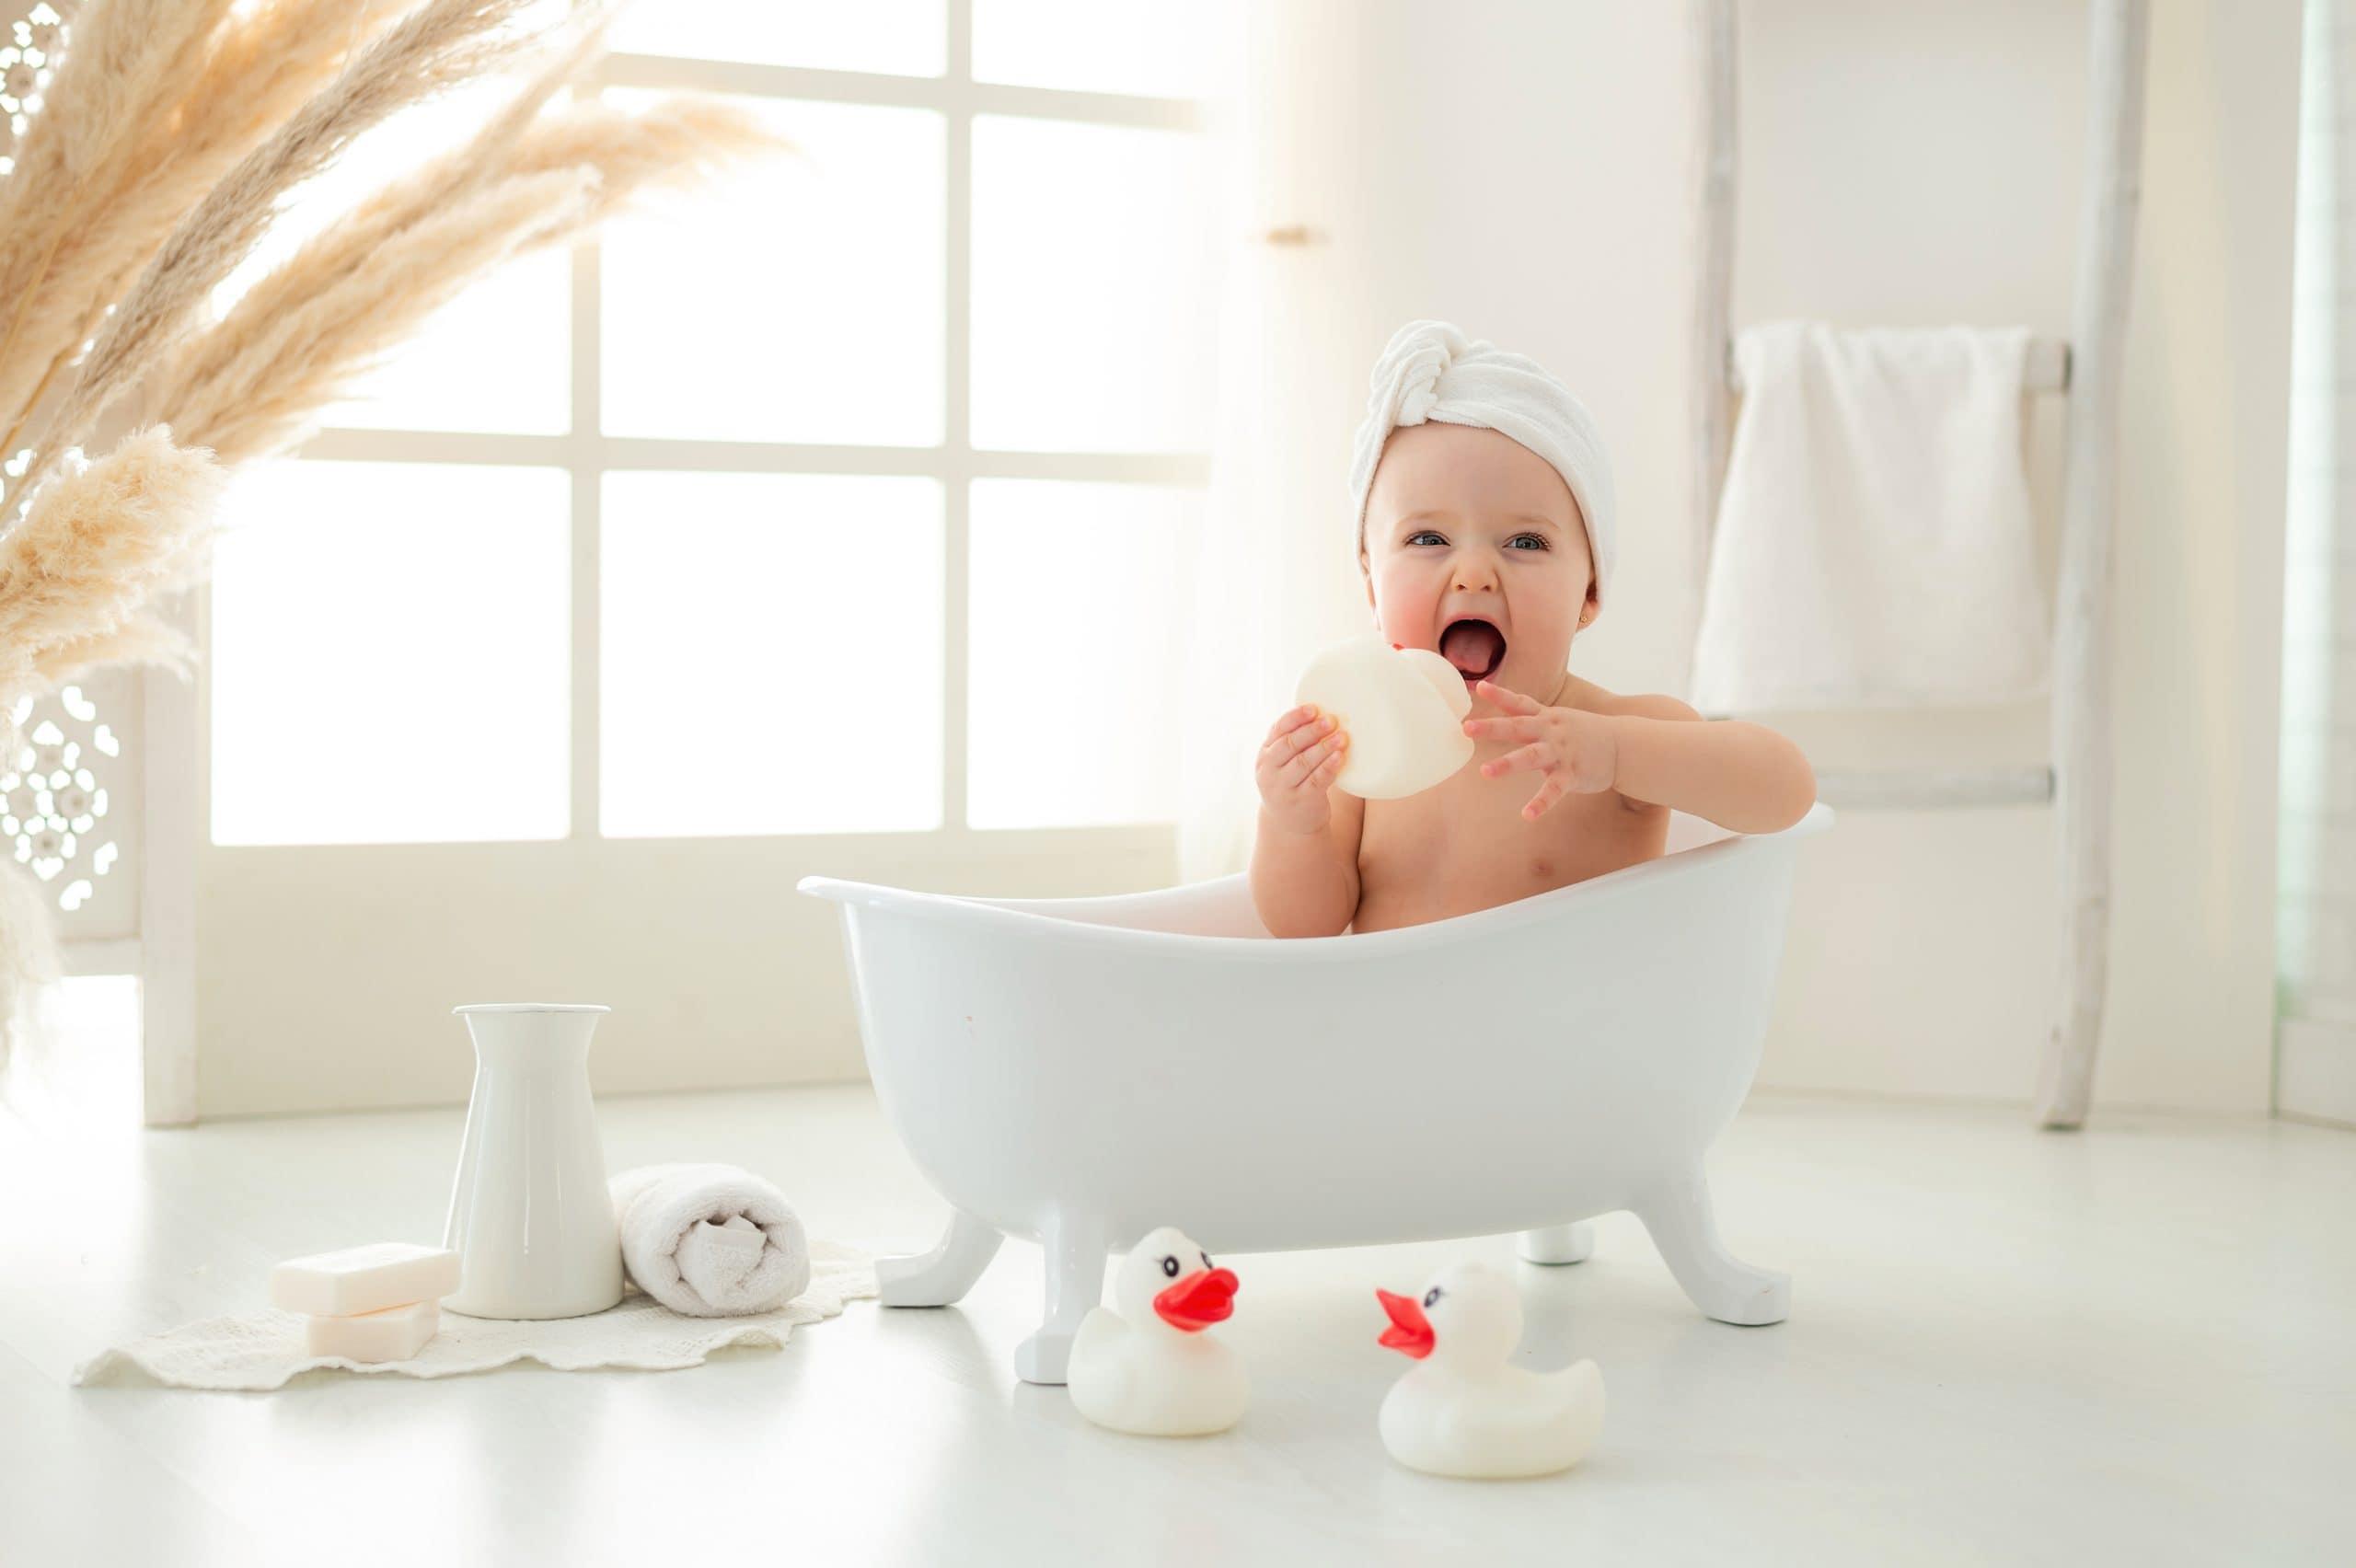 Fotos bañera sant boi